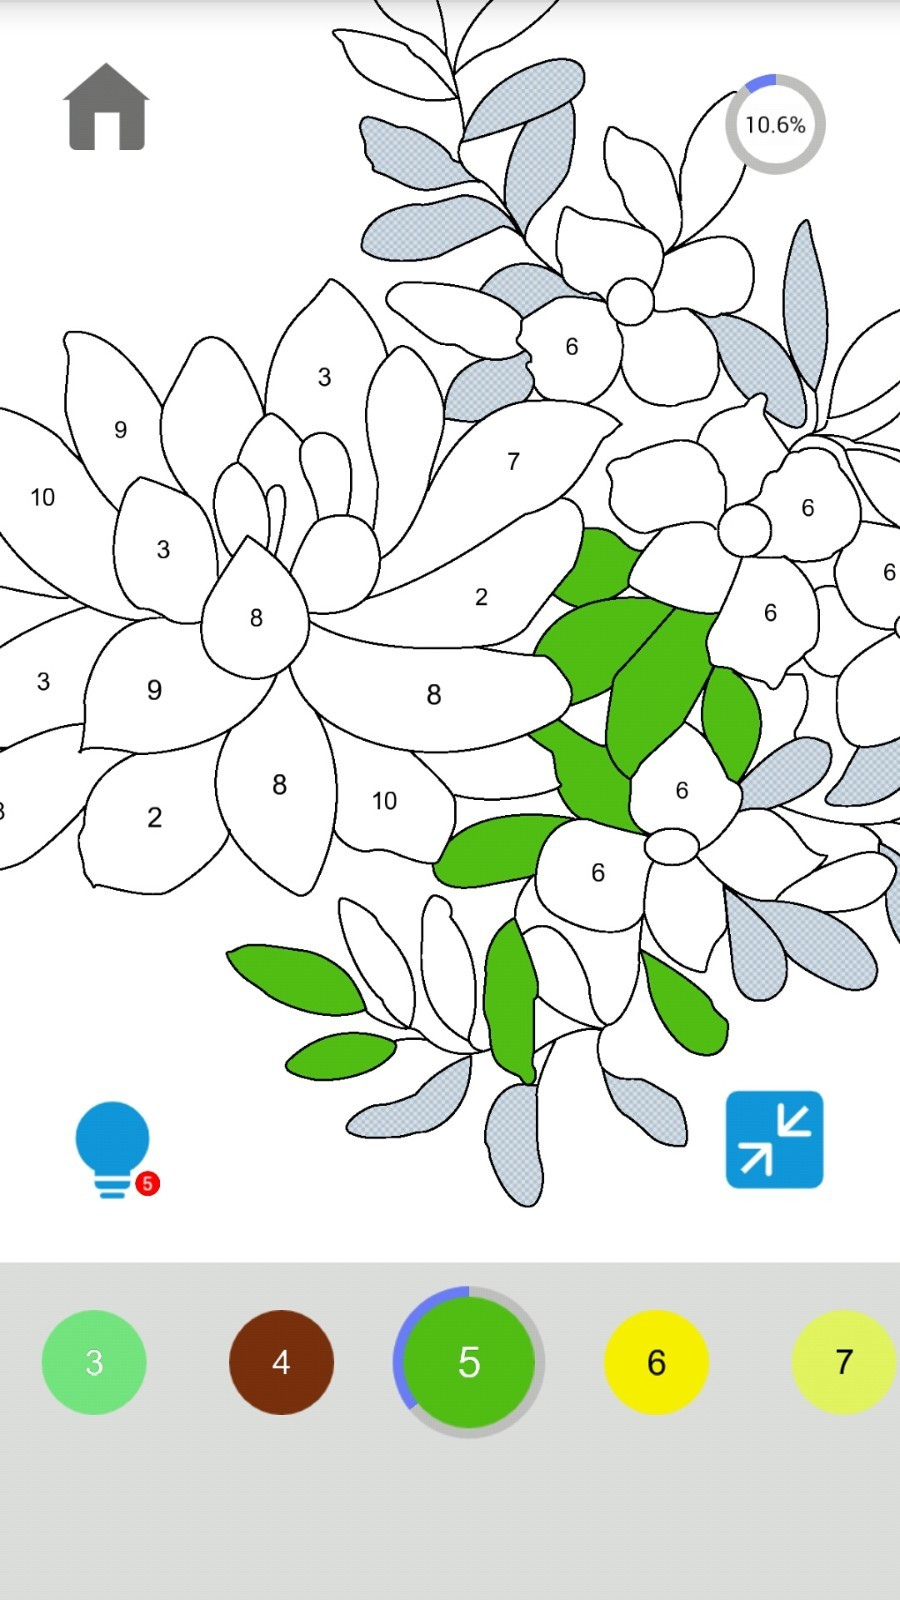 指尖涂色 V1.0.1.2 安卓版截图2